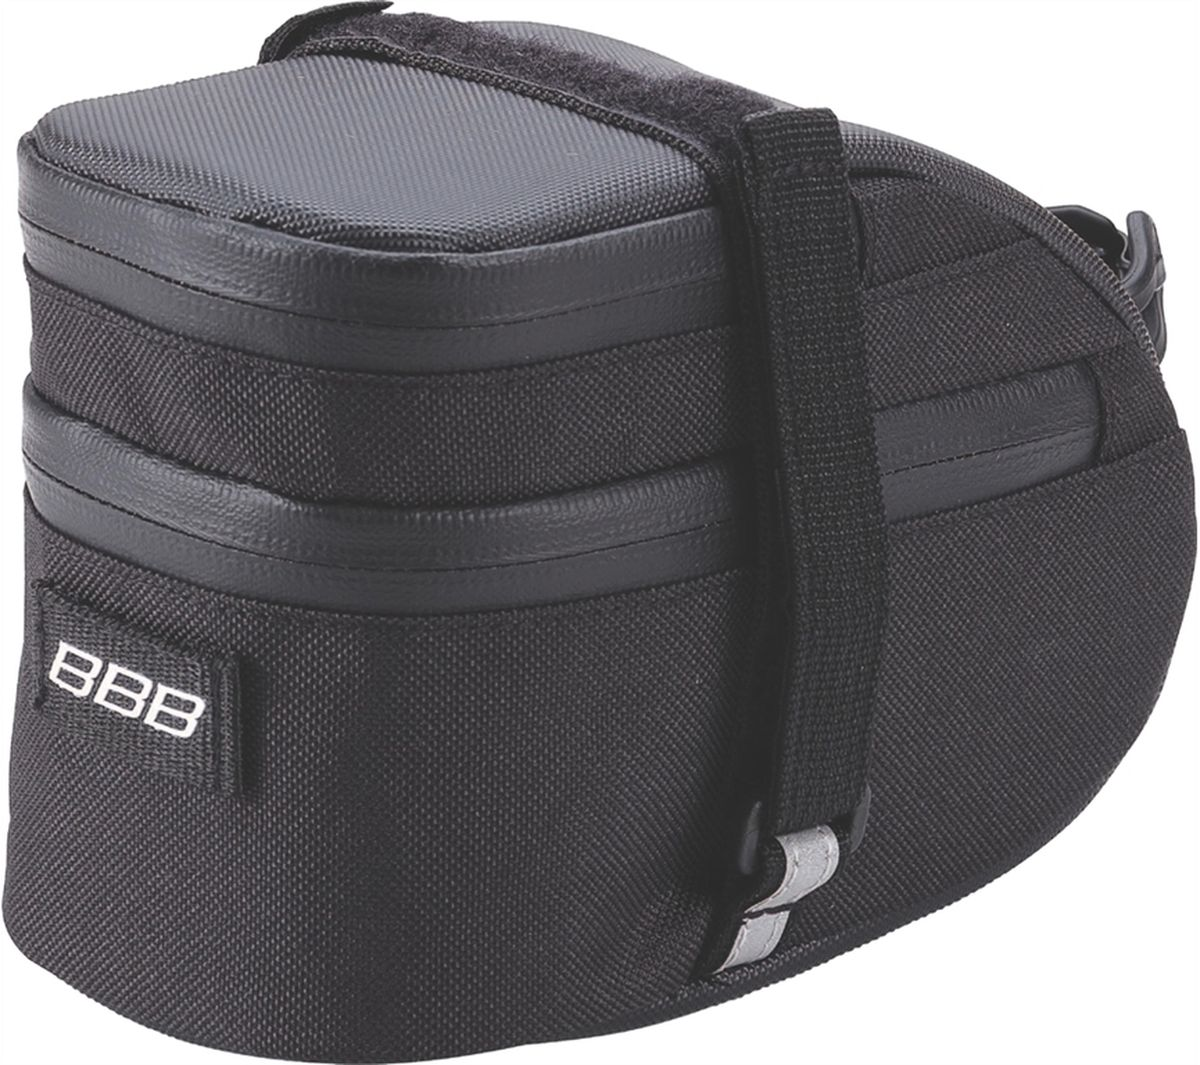 Велосумка под седло BBB EasyPack, цвет: черный. Размер LBSB-31LВ технологичной подседельной сумке BBB EasyPack применяются лучшие материалы и новейшие технологии. Синяя подкладка обеспечивает лучшую видимость содержимого. Эластичный ремешок и карман для простоты организации содержимого вашей сумочки . Водонепроницаемая молния с фиксатором дает дополнительную безопасность и абсолютно бесшумна при езде. Крепление для заднего габарита-LED фонарика. Черная светоотражающая полоска обеспечивает лучшую видимость вас на дороге. Двойная застежка на липучке помогает просто и быстро установить/снять сумку. Резиновый ремешок крепления к подседельному штырю для надежной фиксации сумочки и во избежание повреждений лайкровых шорт и подседельного штыря.Большая сумка разделена на два отсека. Верхний отсек отлично подходит для хранения кошелька, ключей, или документов.